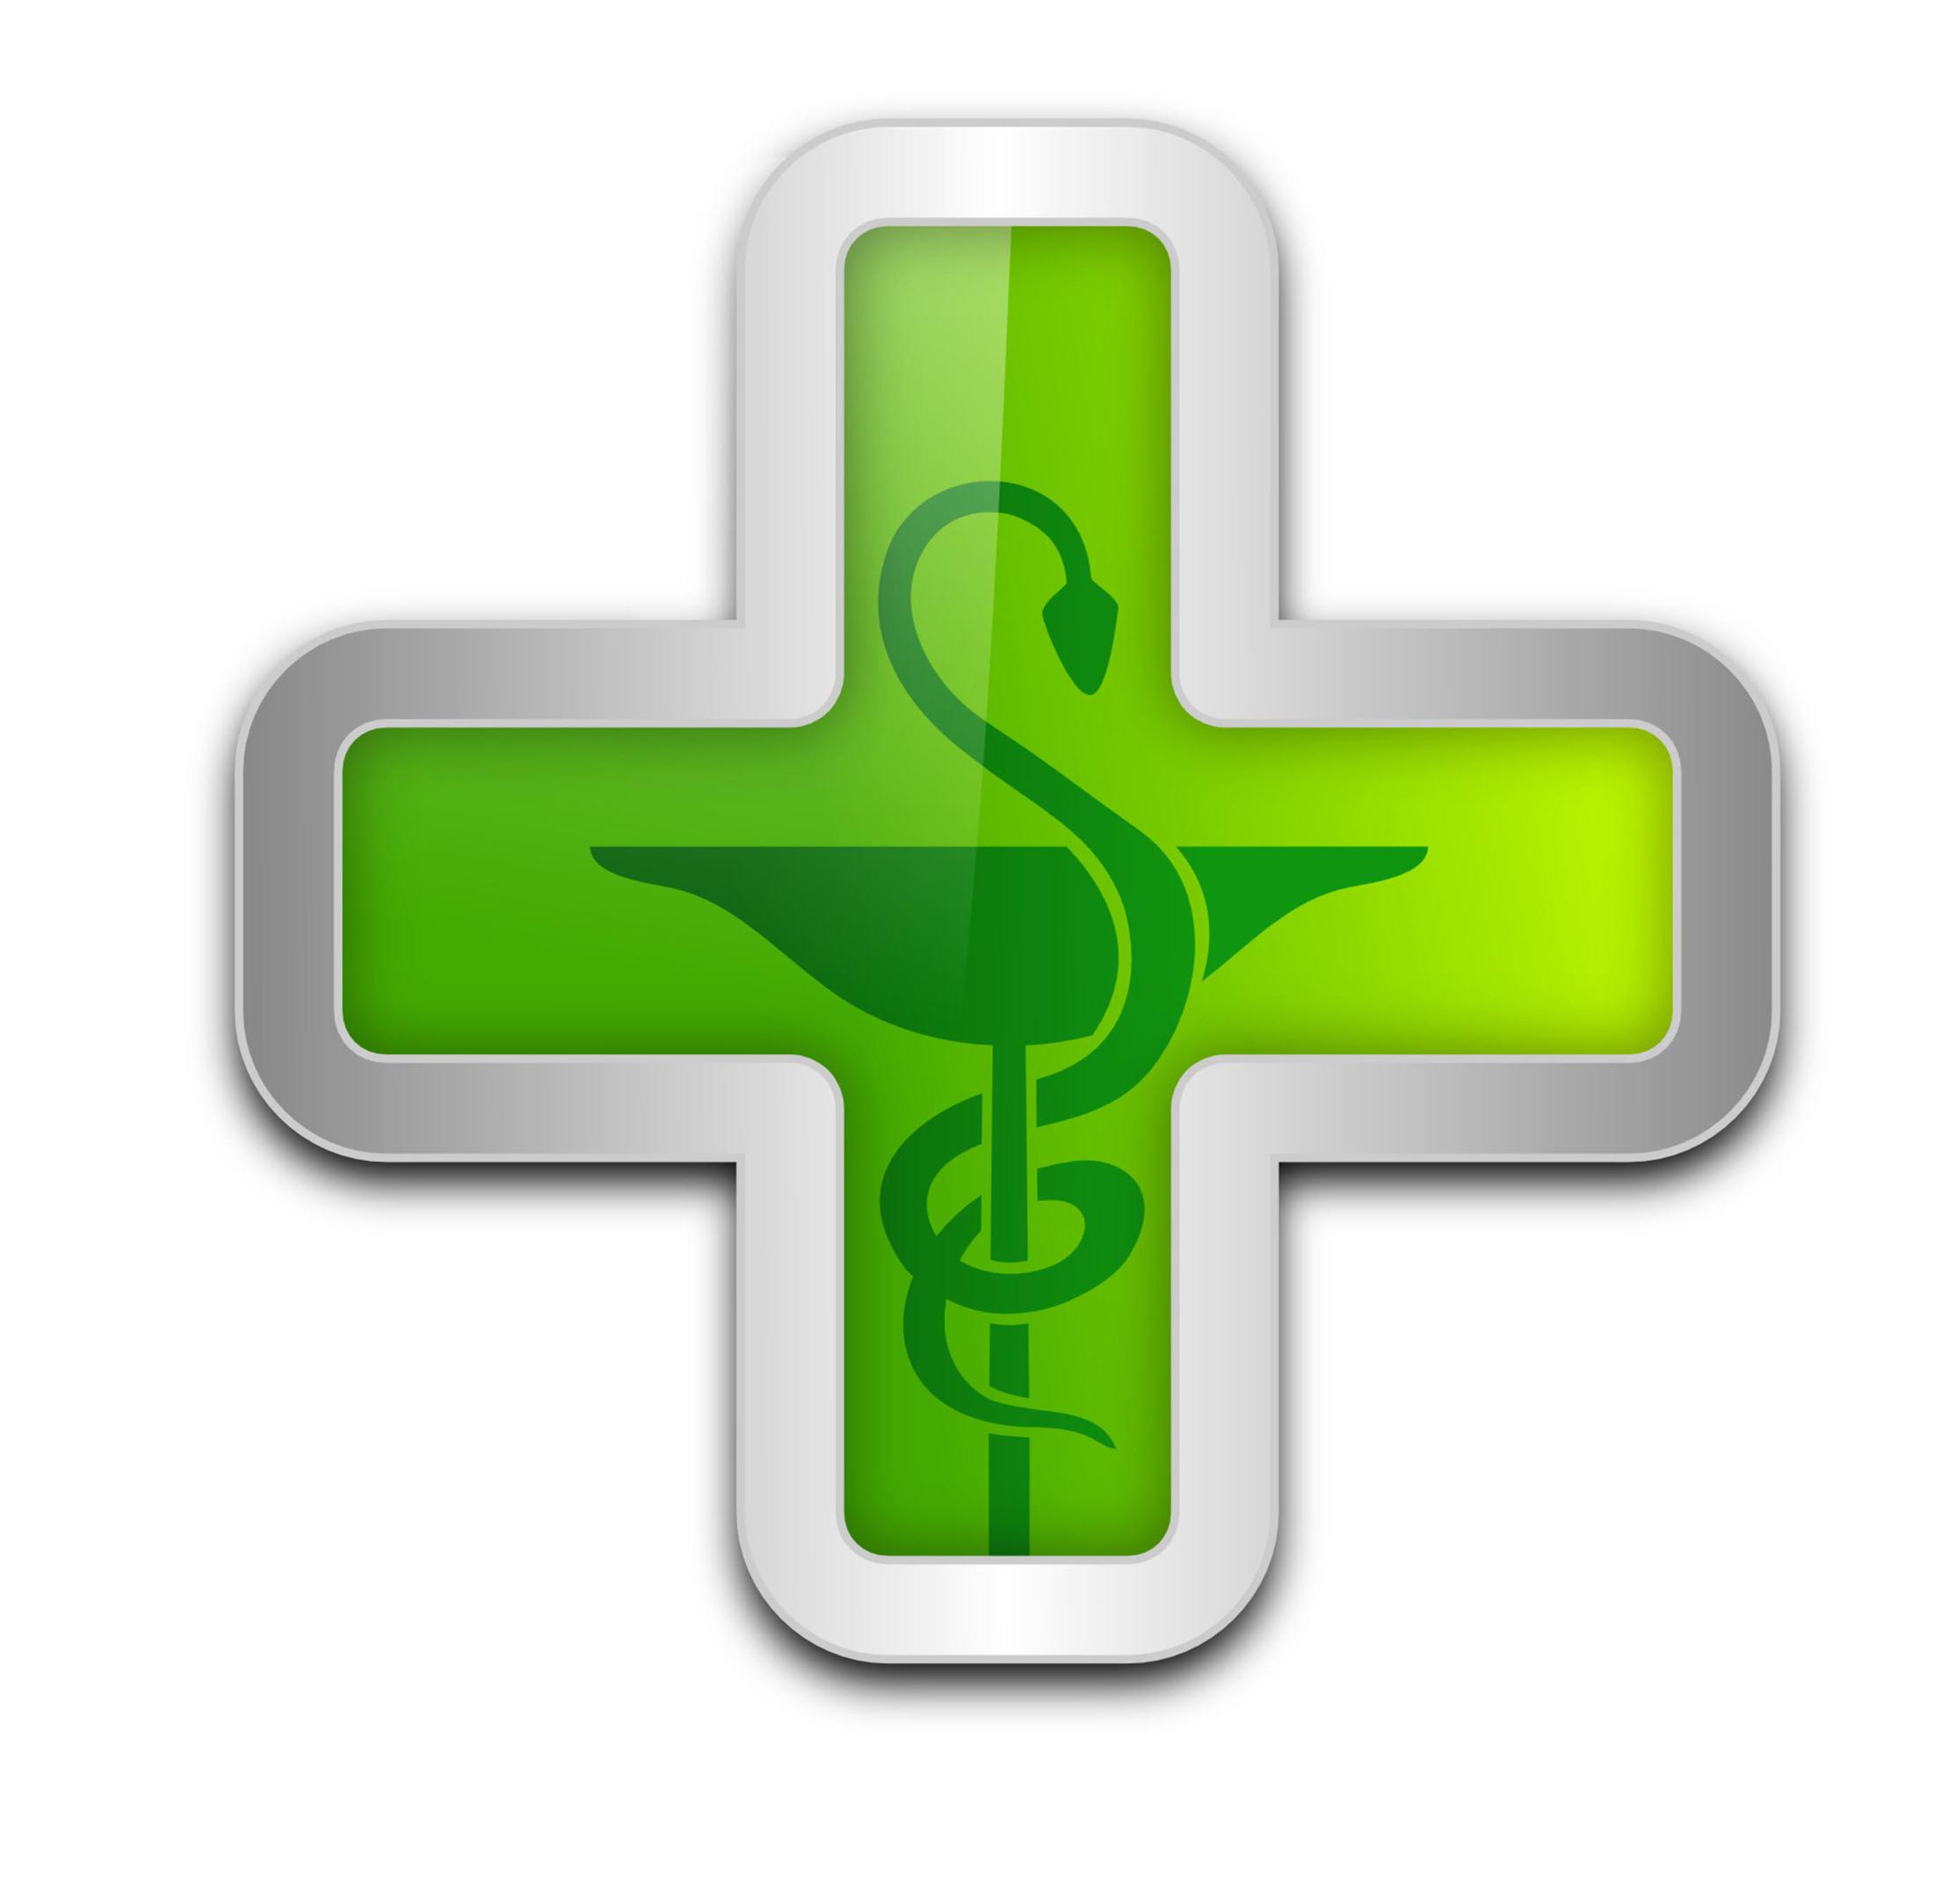 Farmacia Paseo de Capa Negra